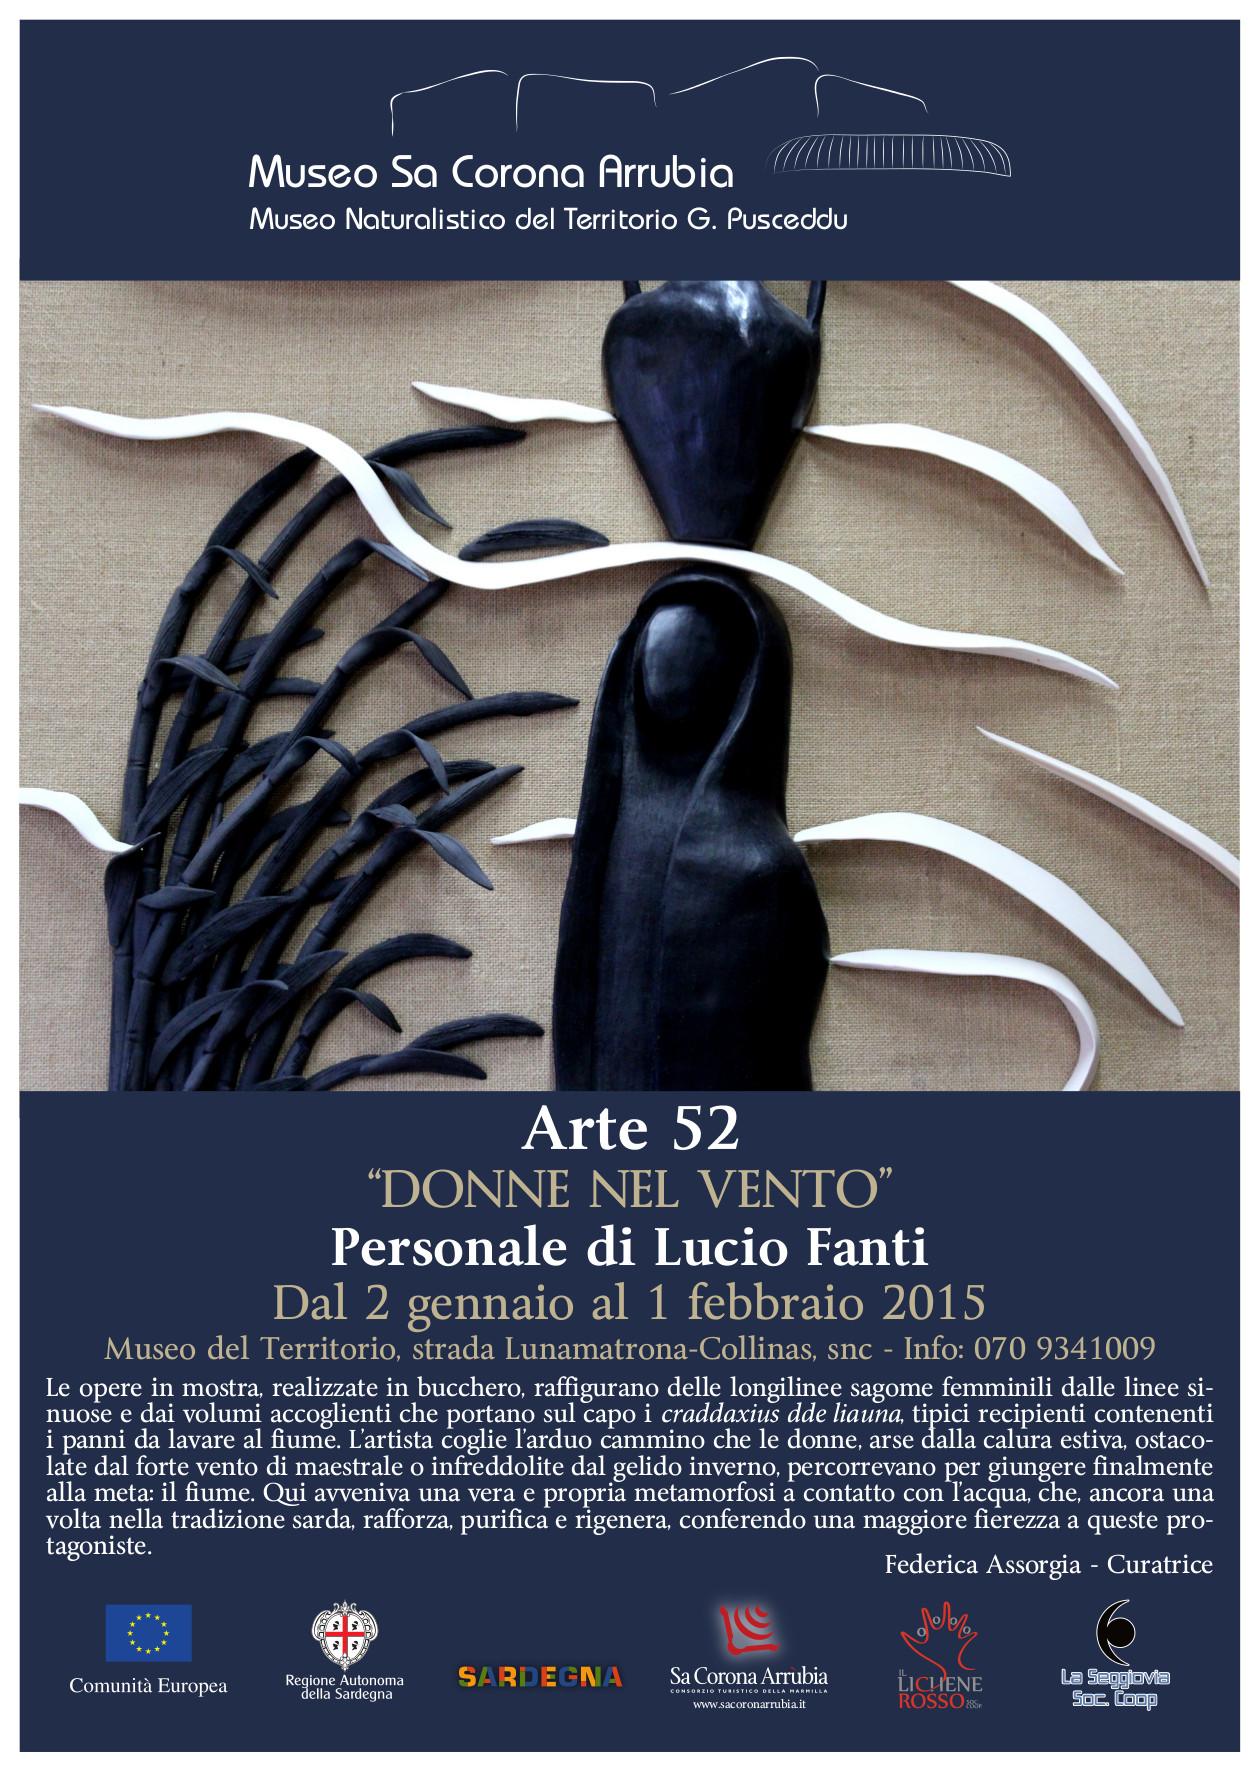 """Personale di Lucio Fanti """"DONNE NEL VENTO"""" Museo naturalistico del territorio """"G. Pusceddu"""" visitabile fino al 1 febbraio 2015."""